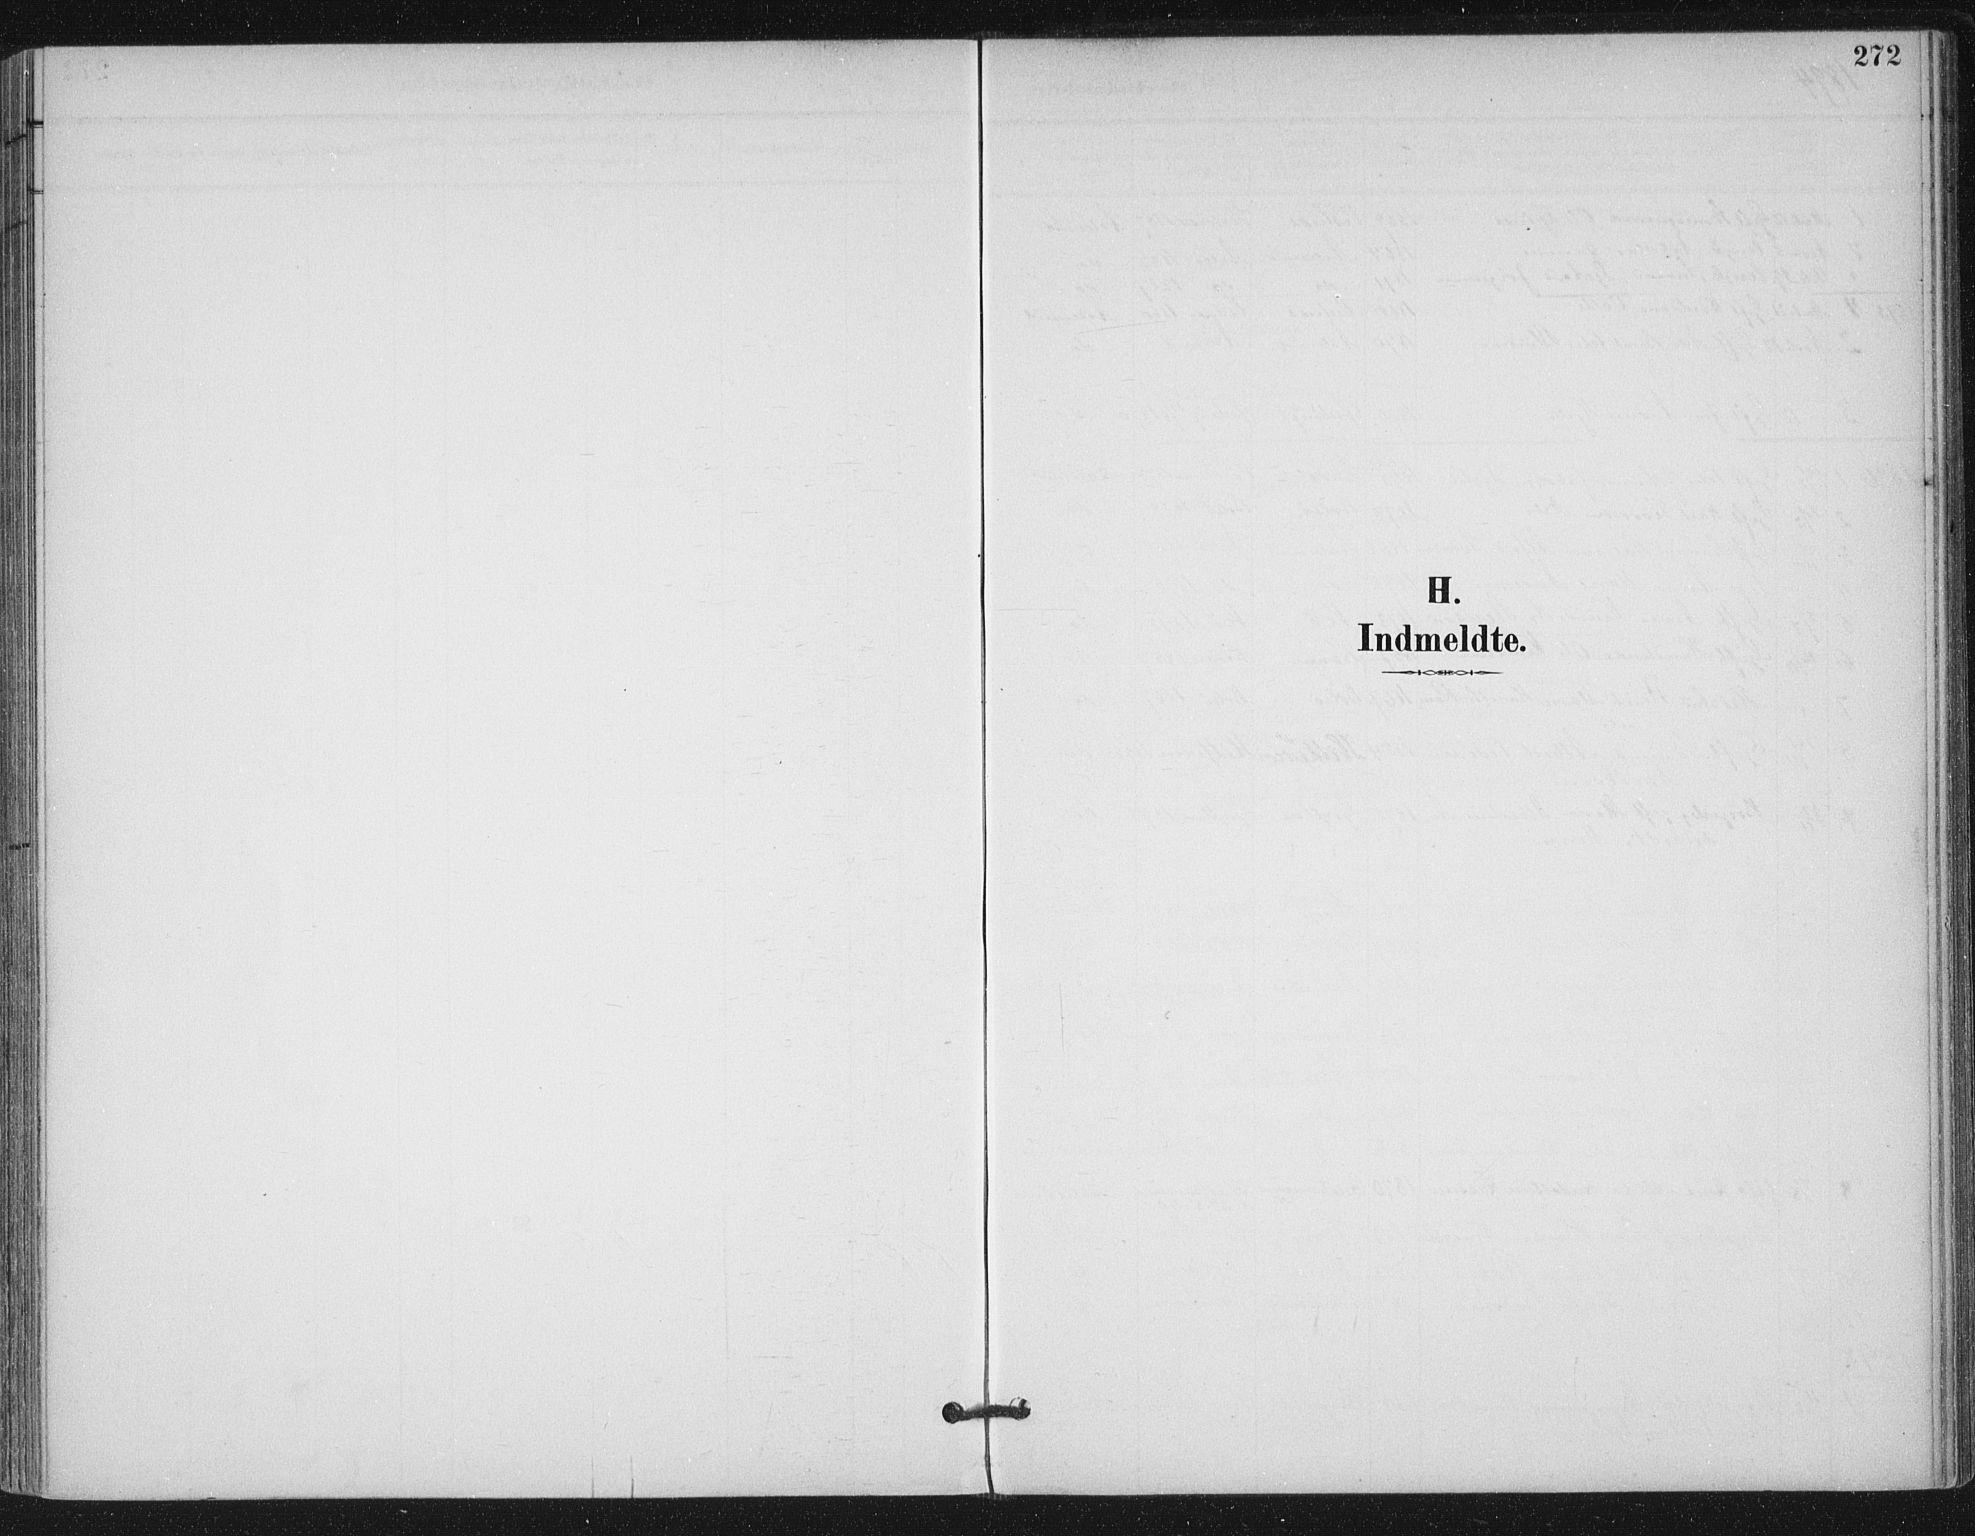 SAT, Ministerialprotokoller, klokkerbøker og fødselsregistre - Møre og Romsdal, 529/L0457: Ministerialbok nr. 529A07, 1894-1903, s. 272